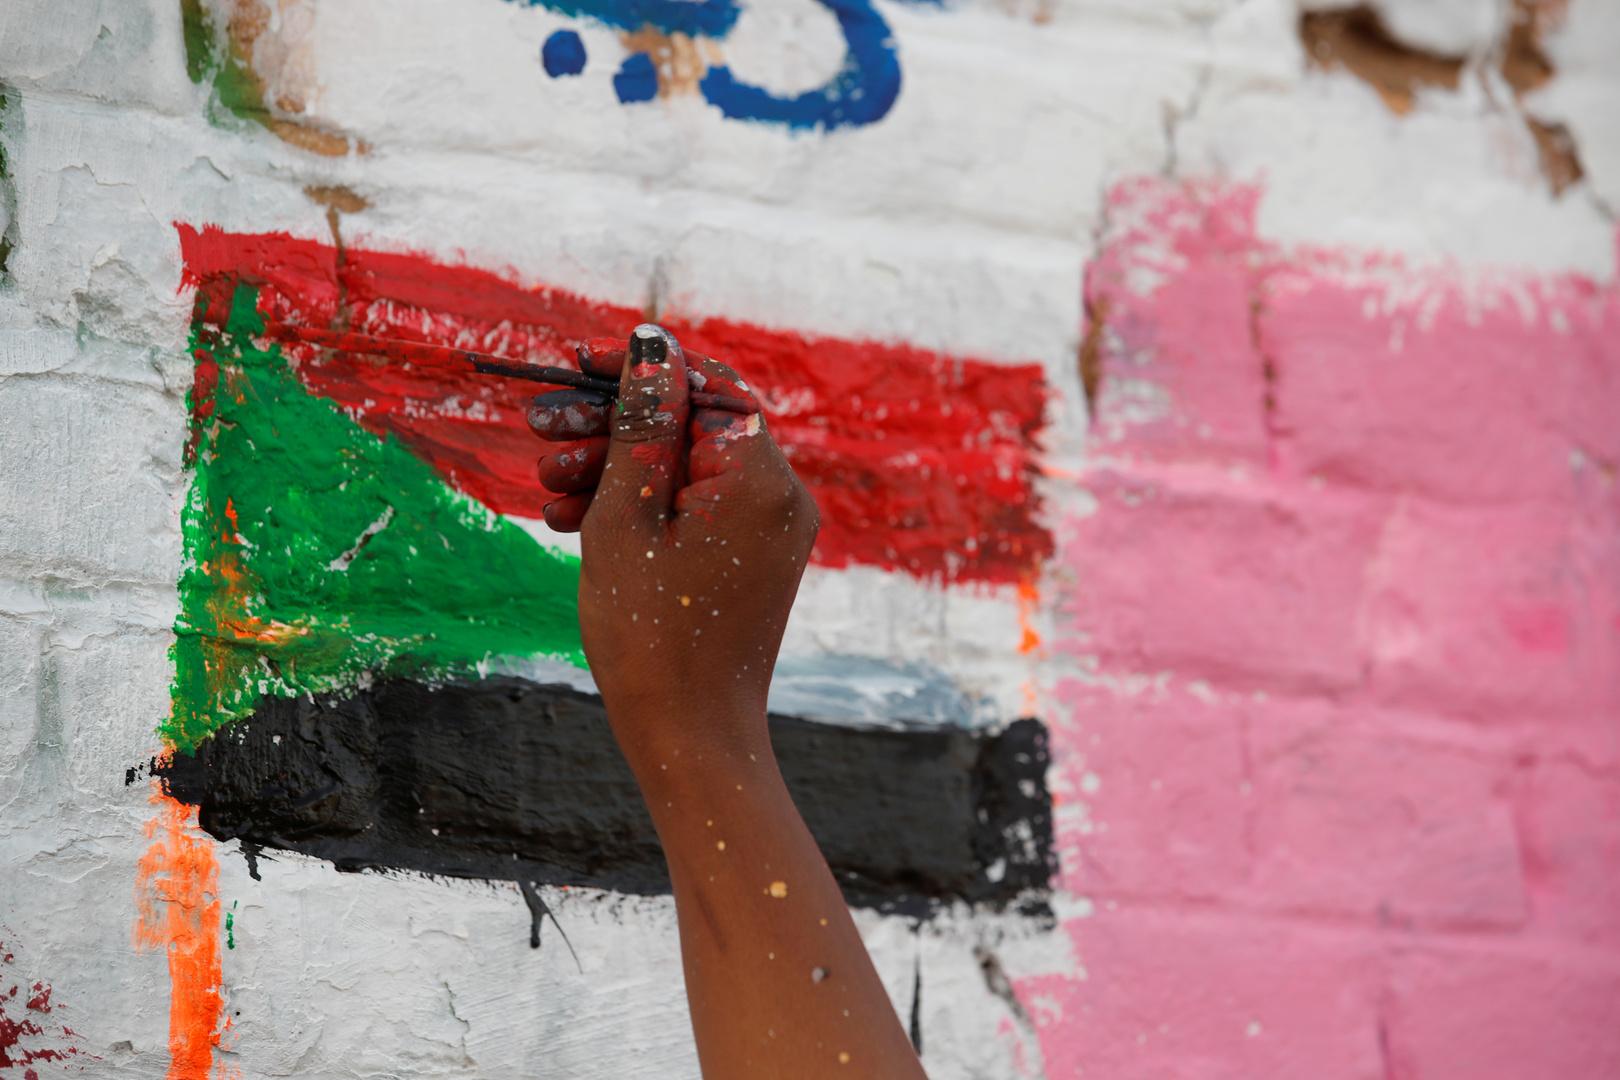 بيان سوداني يكشف حقيقة خطط إنشاء جمعية الصداقة مع إسرائيل